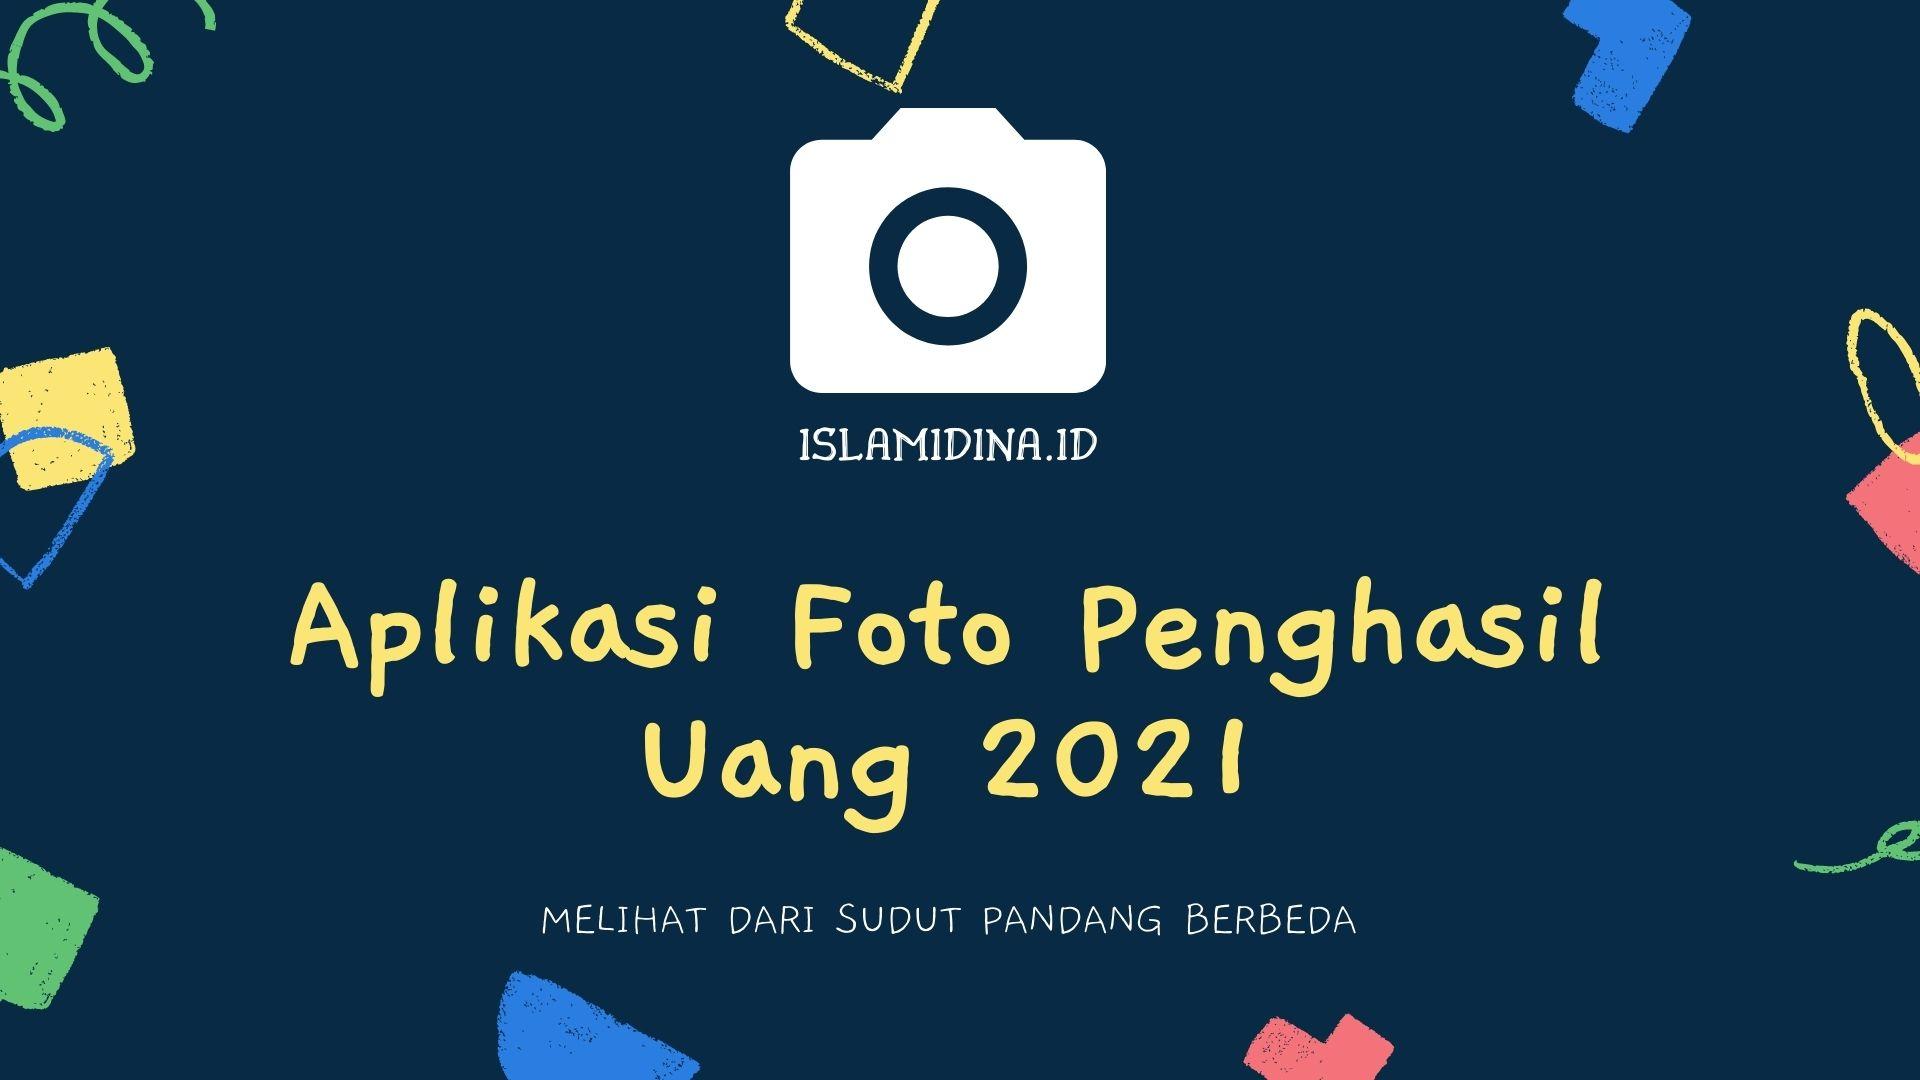 Aplikasi Foto Penghasil Uang 2021 Terbukti Membayar